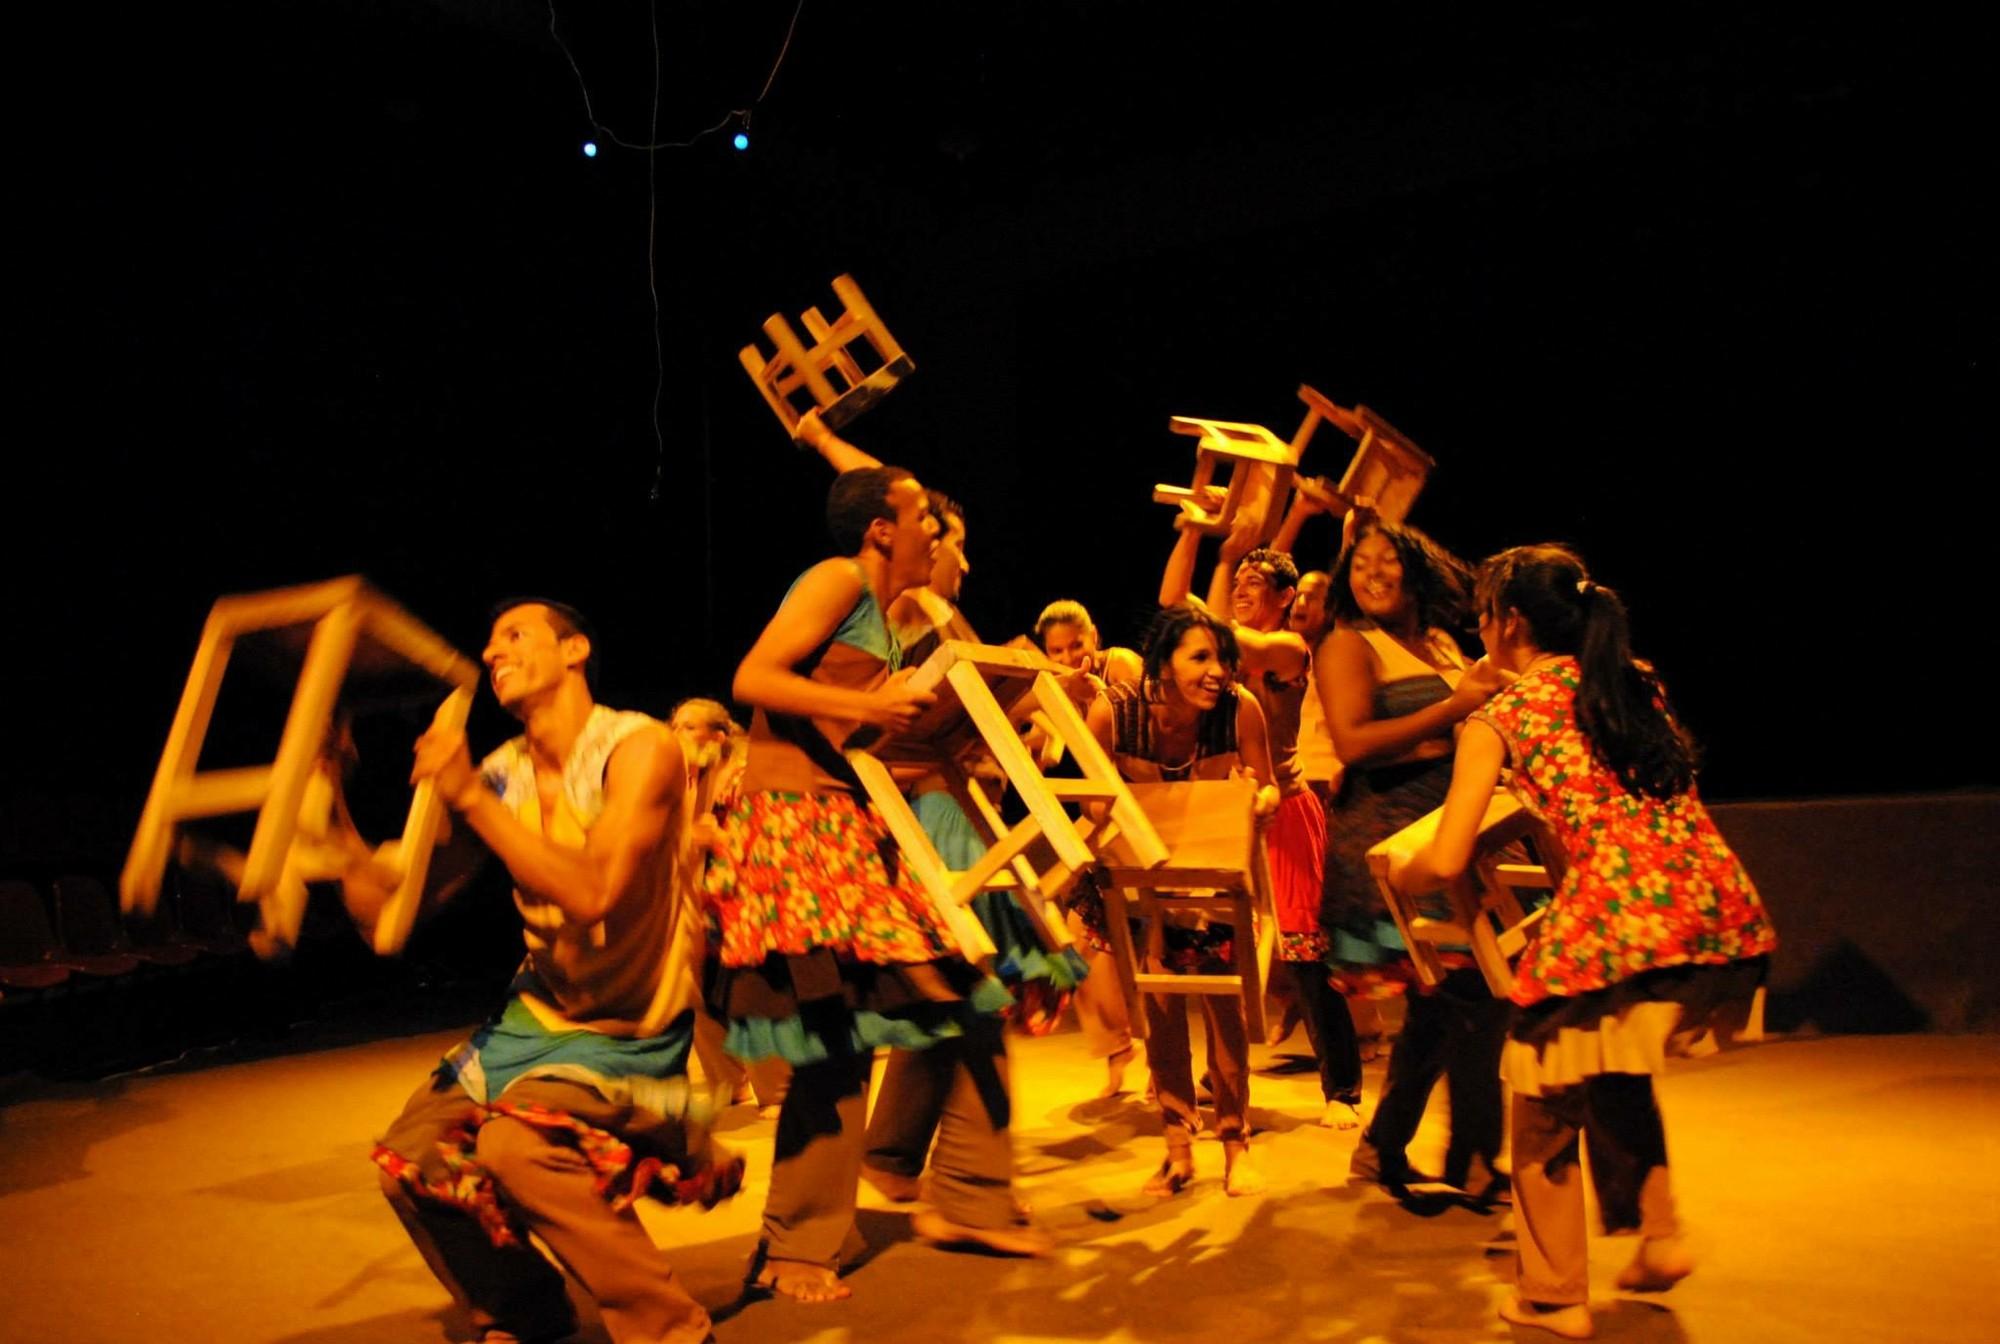 Série de lives marca aniversário de 25 anos da Cia de Dança do Sesc Petrolina, PE